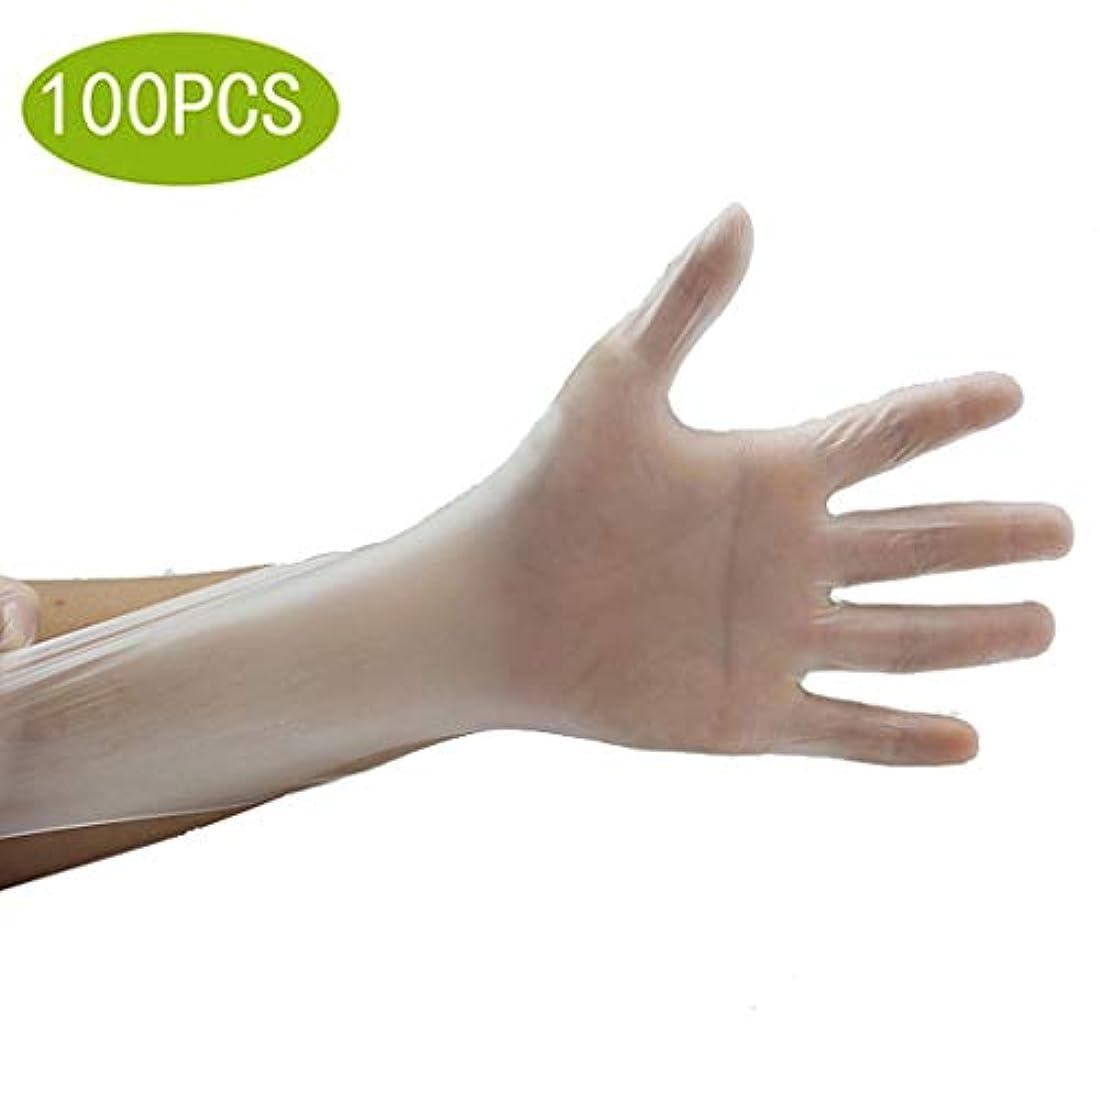 しがみつく矢情緒的使い捨てビニール手袋、無菌、パウダーフリー、スムースタッチ、フードサービスグレード、ミディアムサイズ[100パック] (Color : White)